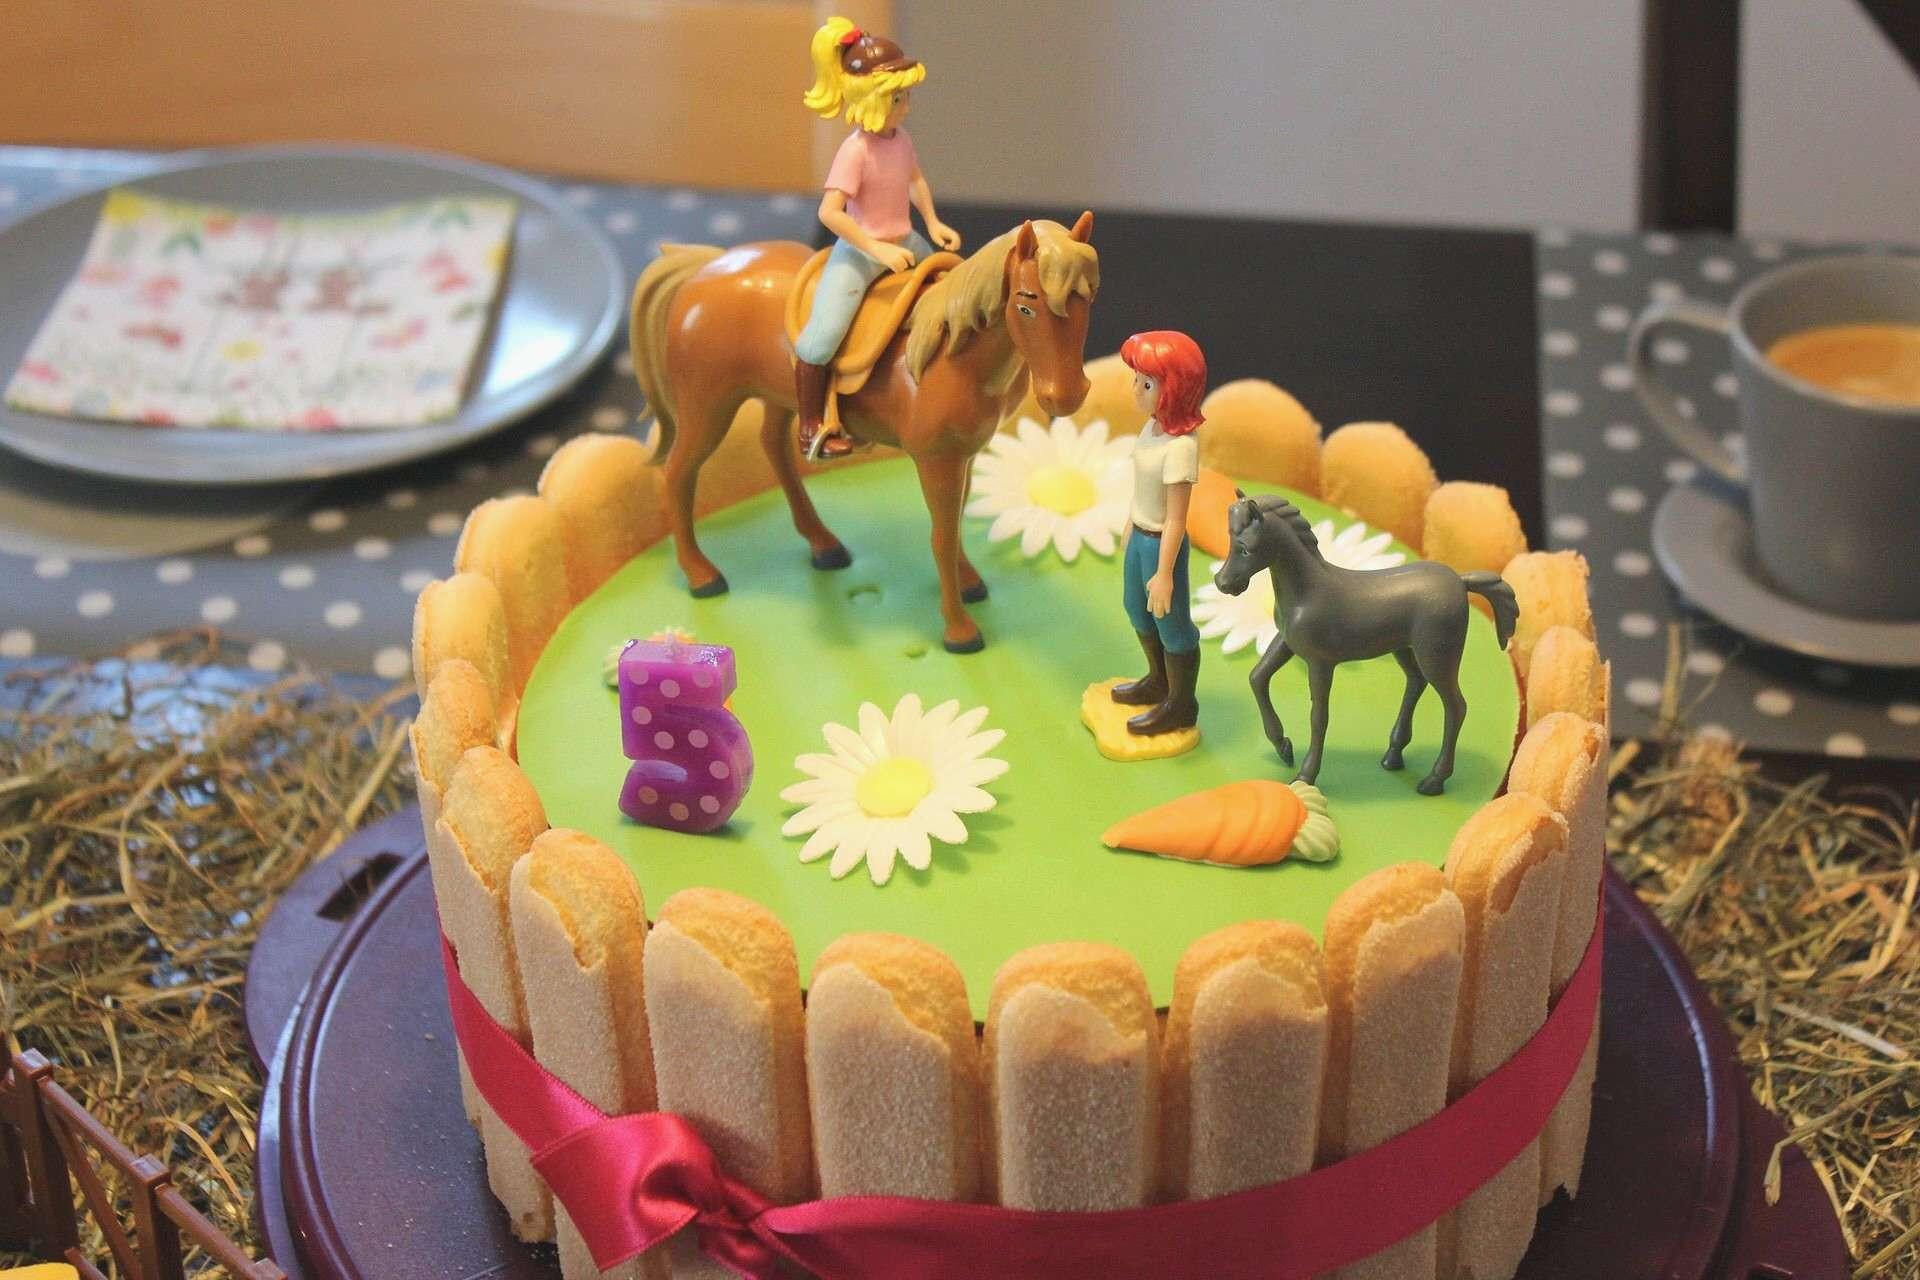 Bibi Und Tina Kuchen Inspirierend Bibi Und Tina Geburtstag Bilder